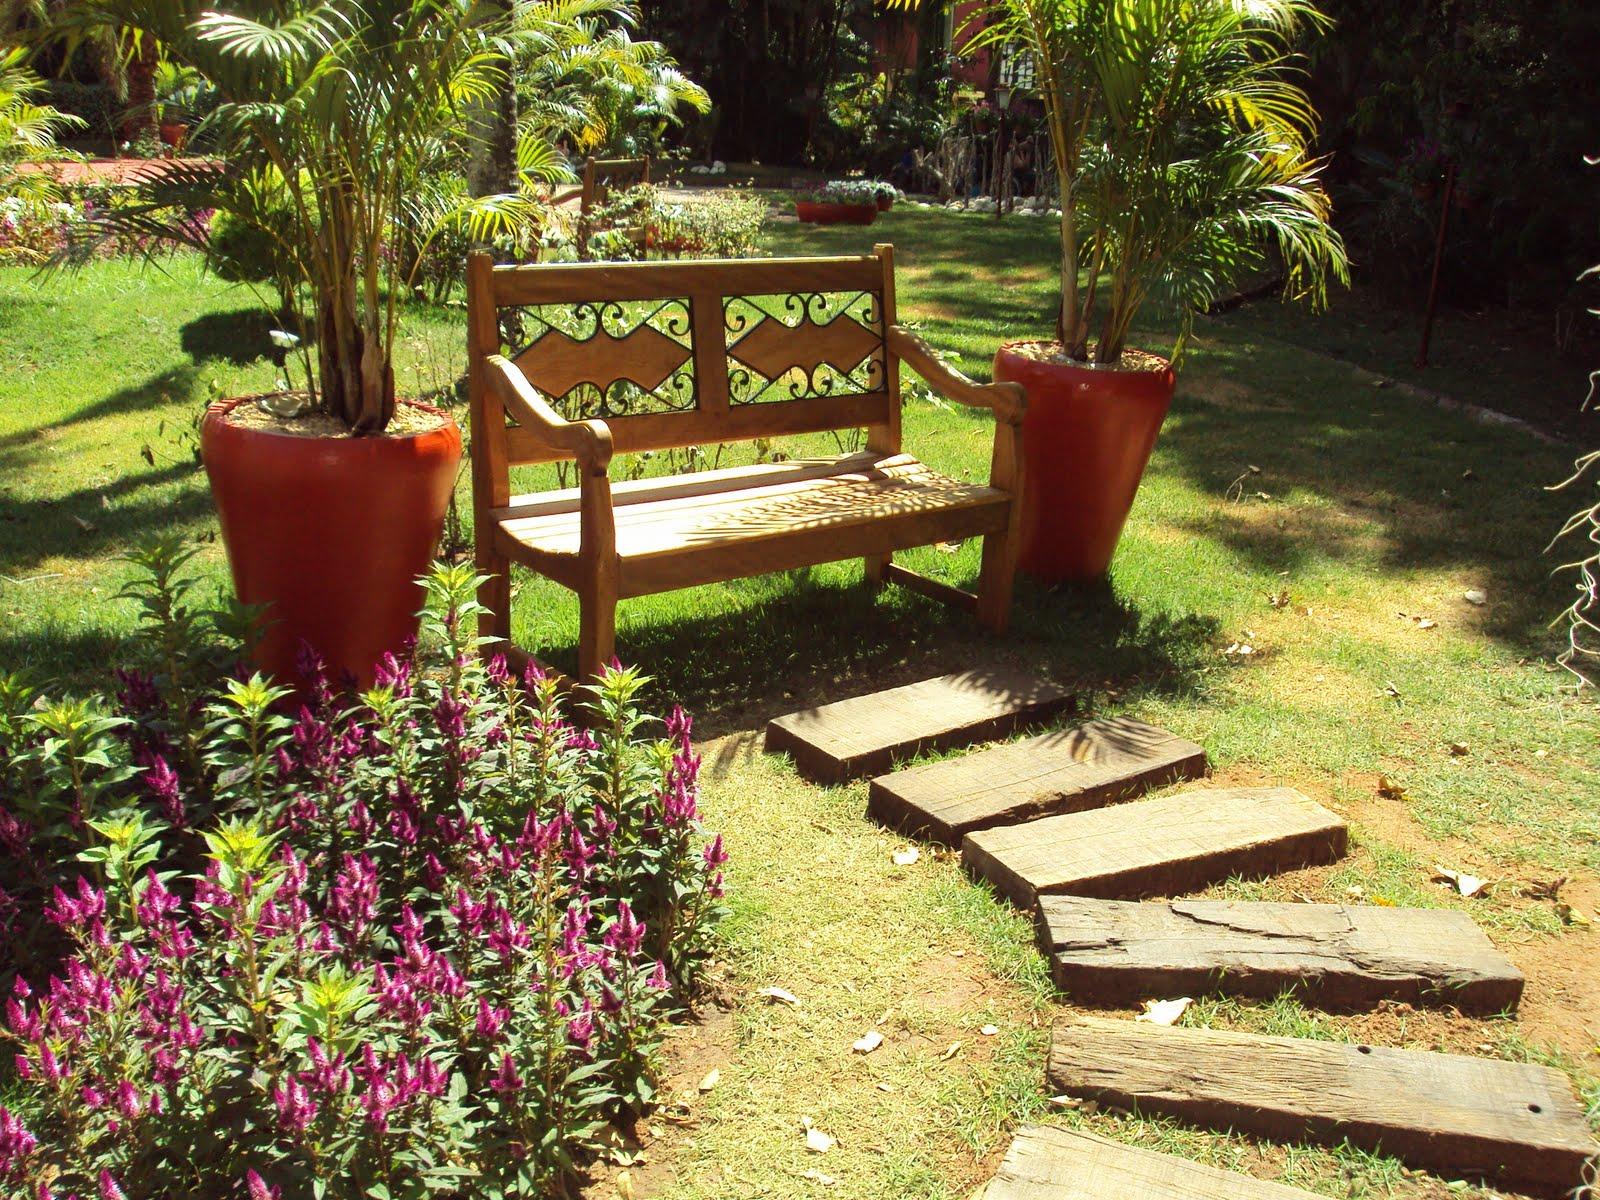 ideias para decorar meu jardim:Decorando Com Arte: Vários cantinhos para o seu jardim